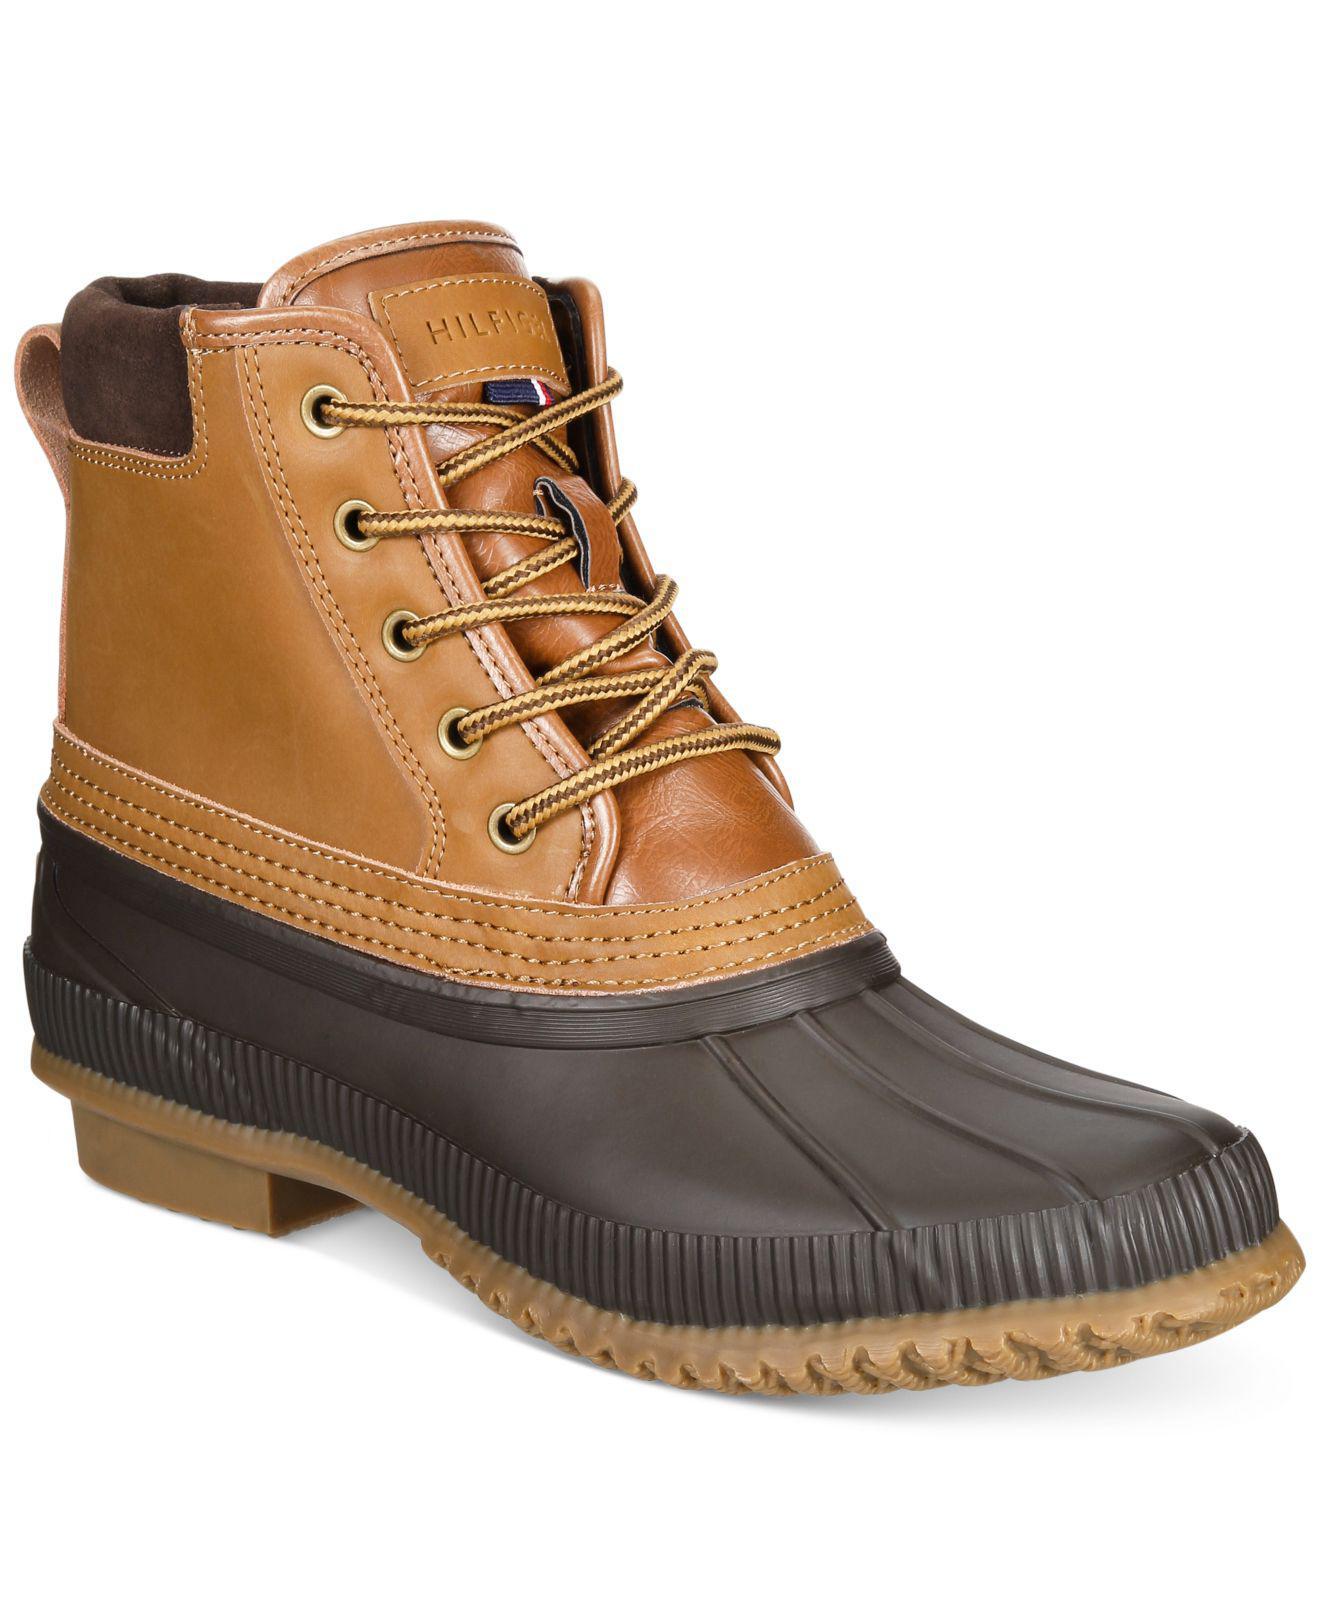 Casey Waterproof Duck Boots